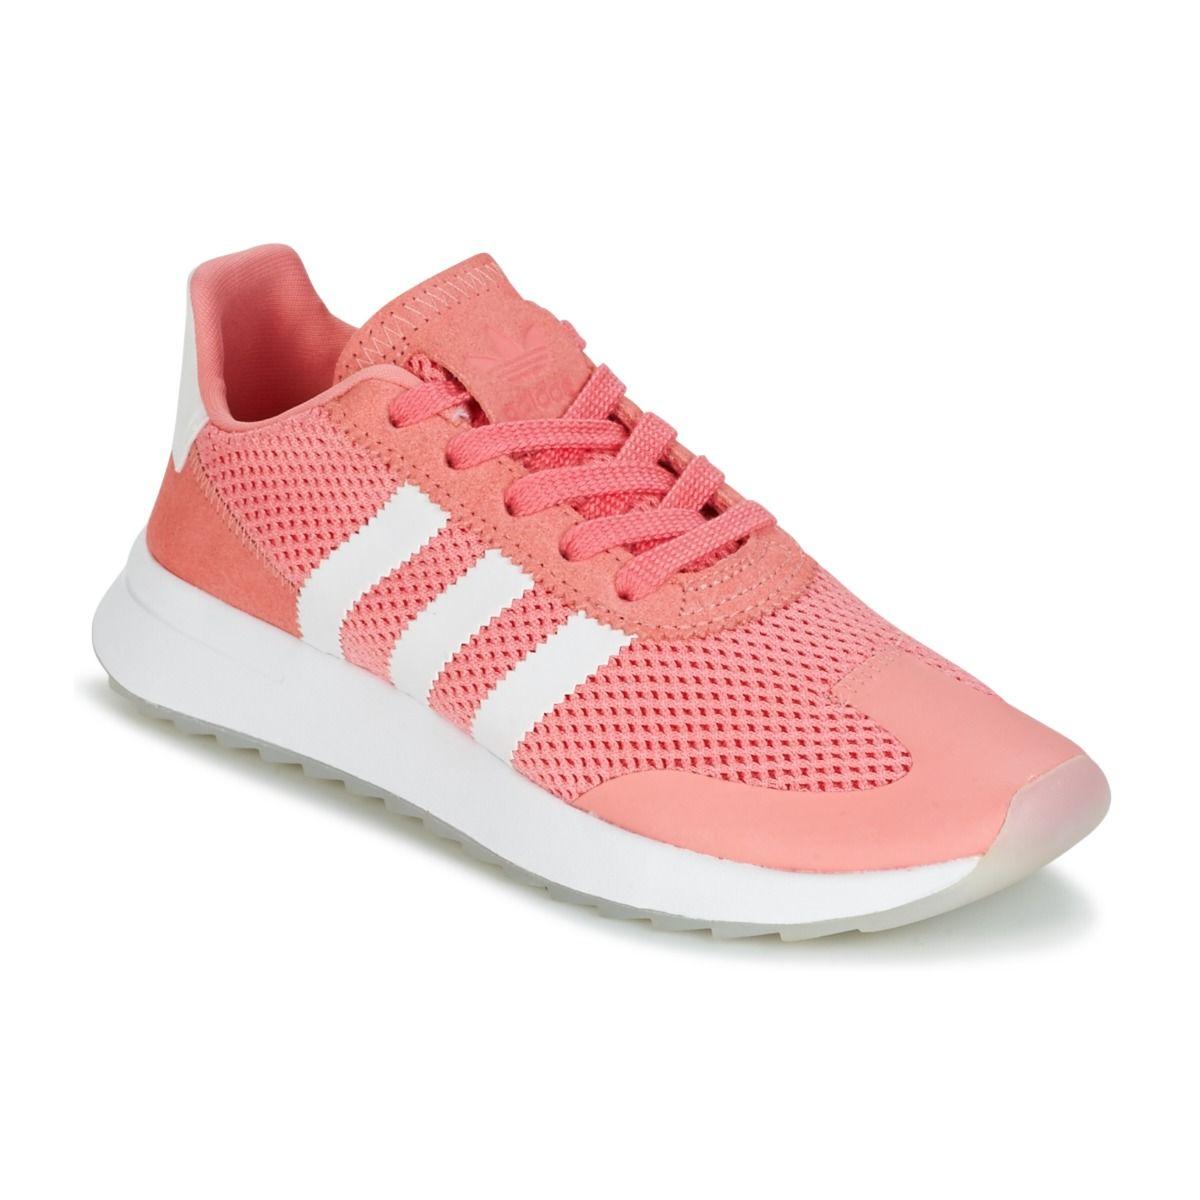 Adidas Originals FLB W Rose / Corail pas cher prix Baskets Femme Spartoo  89.95 €